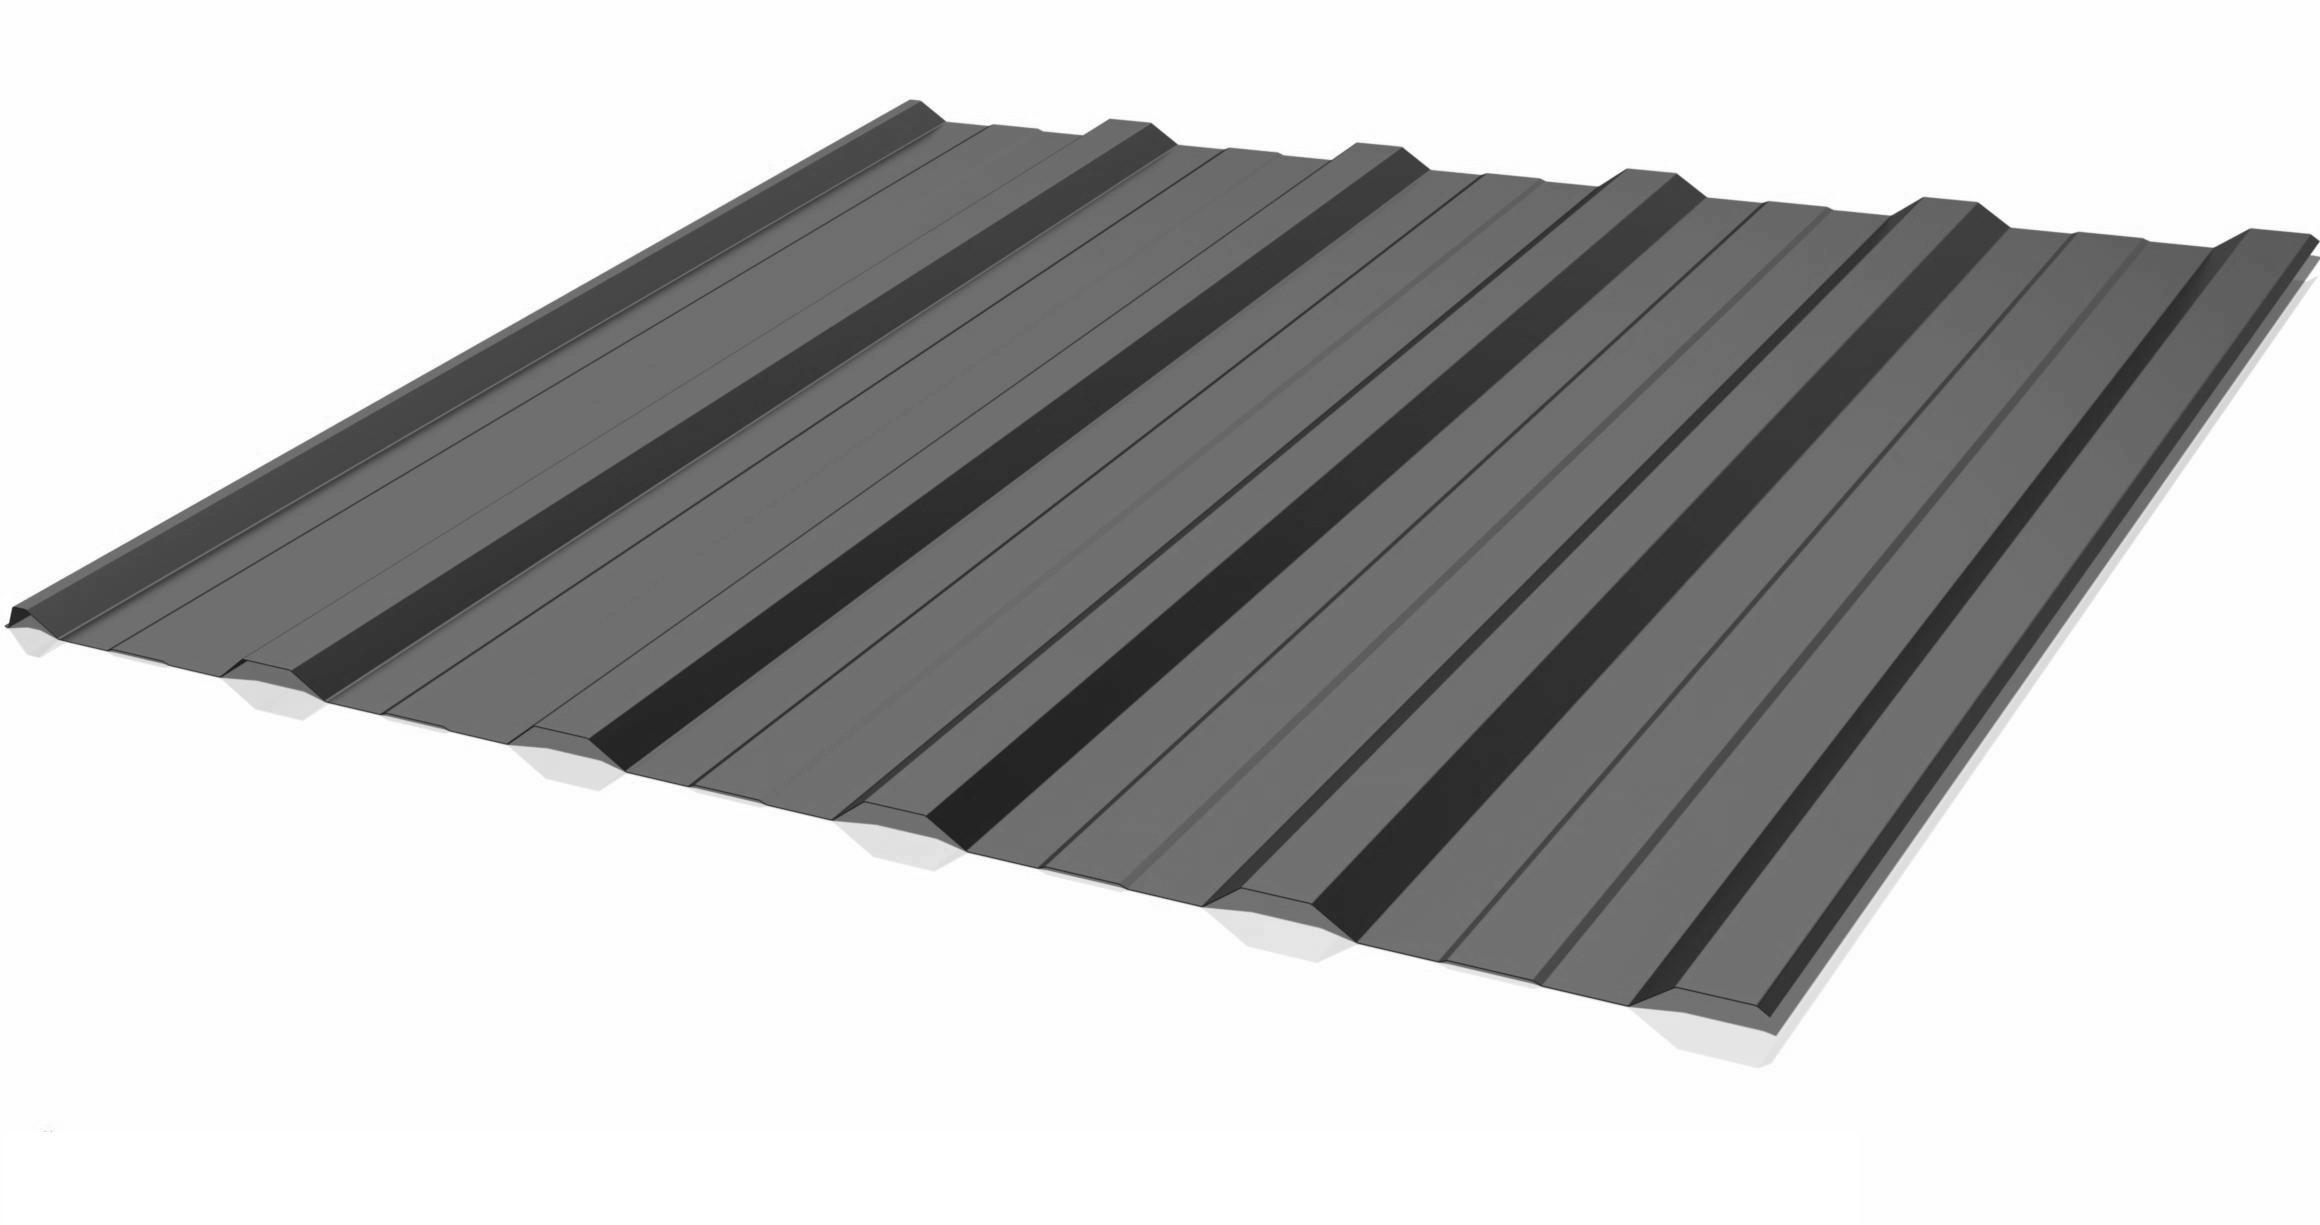 Blacha trapezowa TR 18    -    Profil dachowy